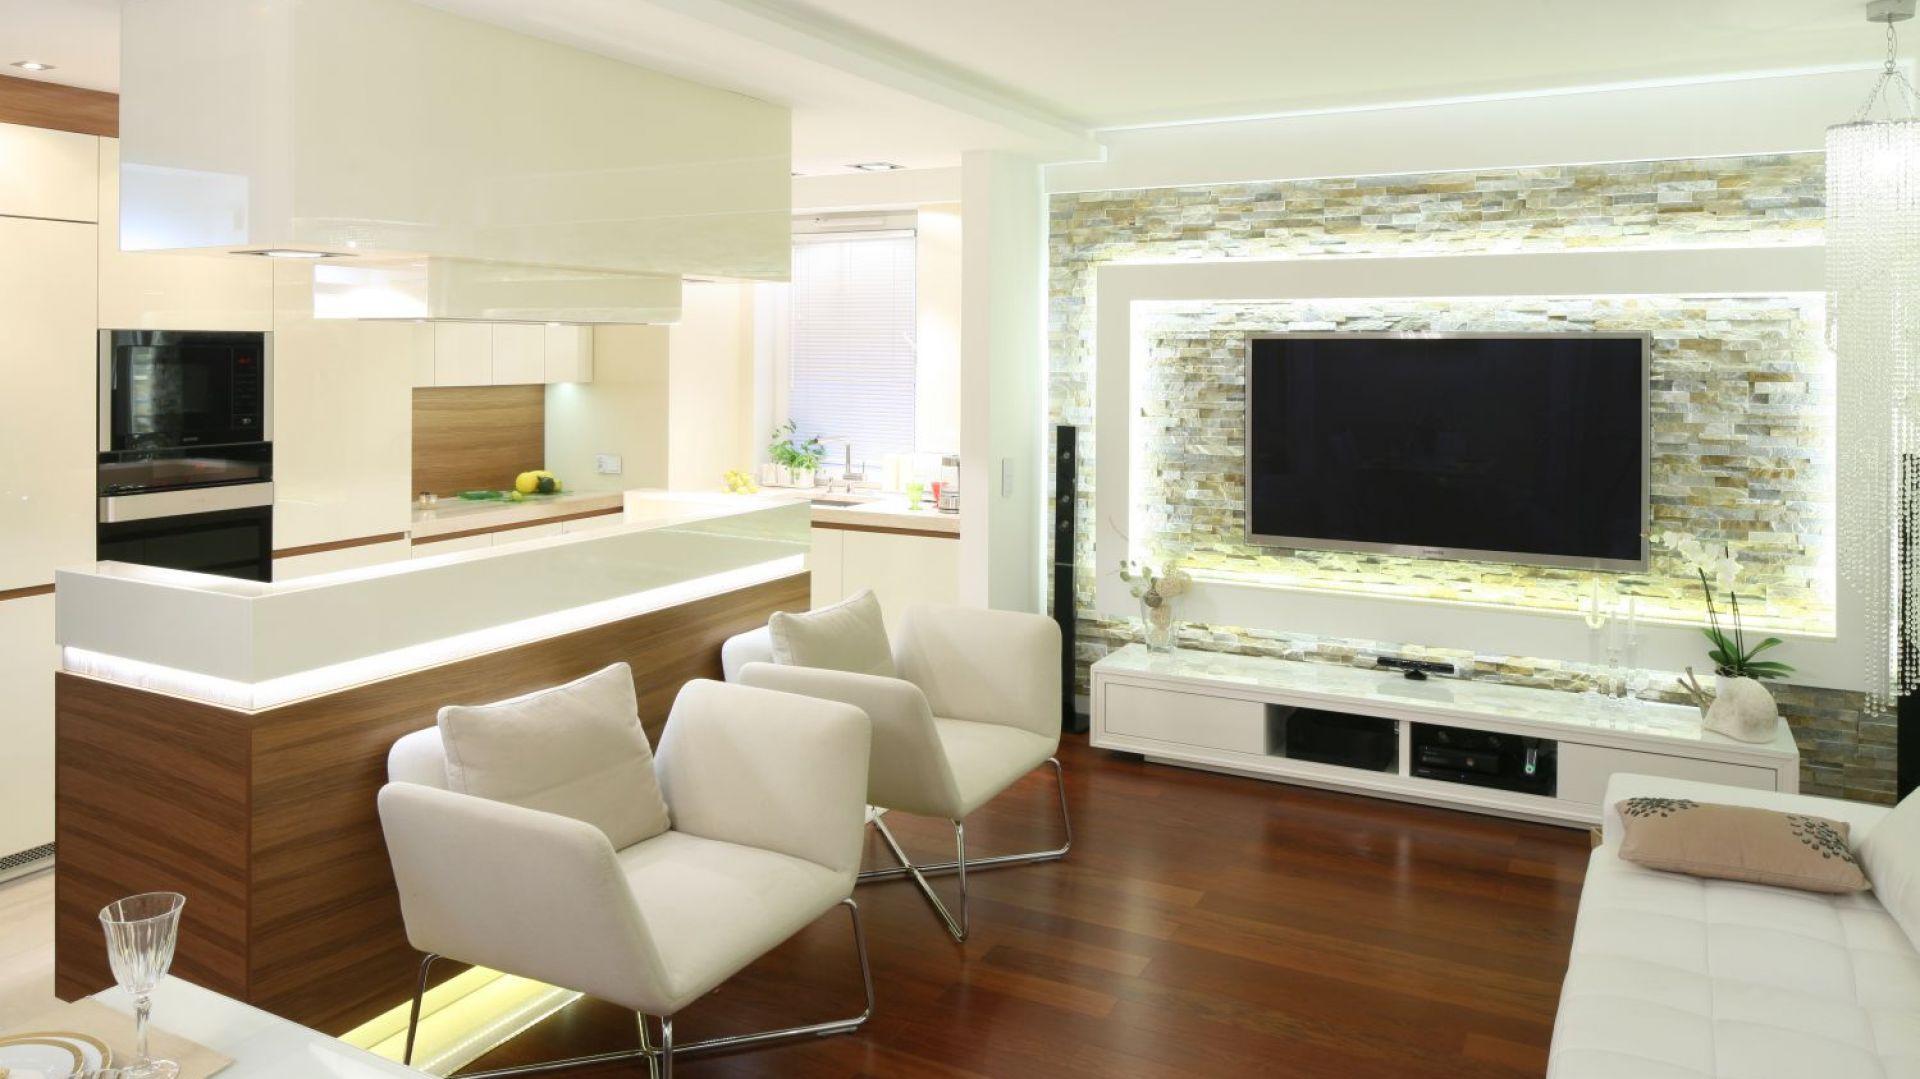 W niewielkim mieszkaniu kuchnię umiejscowiono wzdłuż salonu, od którego oddziela ją tylko wyspa. Biel i drewno, obecne w obu strefach, nawzajem się przenikają prowadząc subtelną grę znaczeń poszczególnych ról użytkowych. Projekt Małgorzata Mazur. Fot. Bartosz Jarosz.